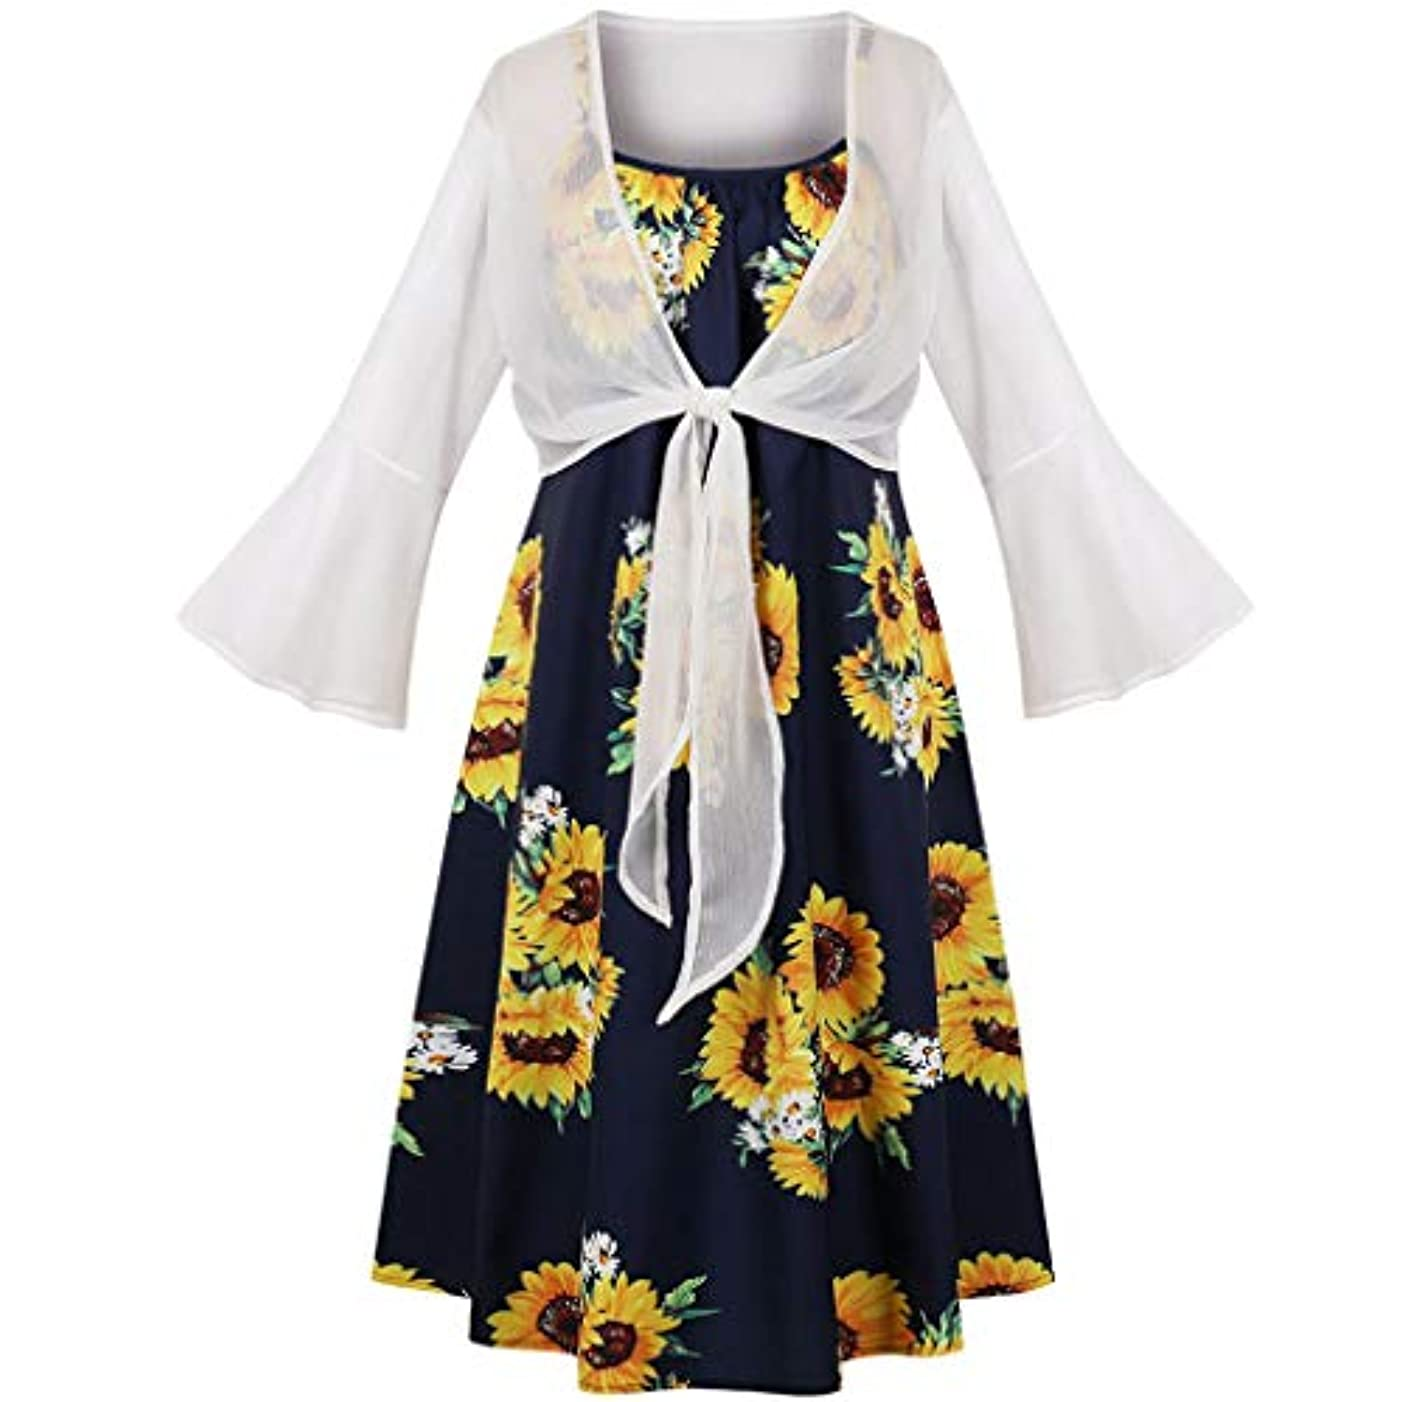 HJuyYuah 2PCS Fashion Women Bandage Sunflower Print Dress+Flare Sleeve Cardigan Suits